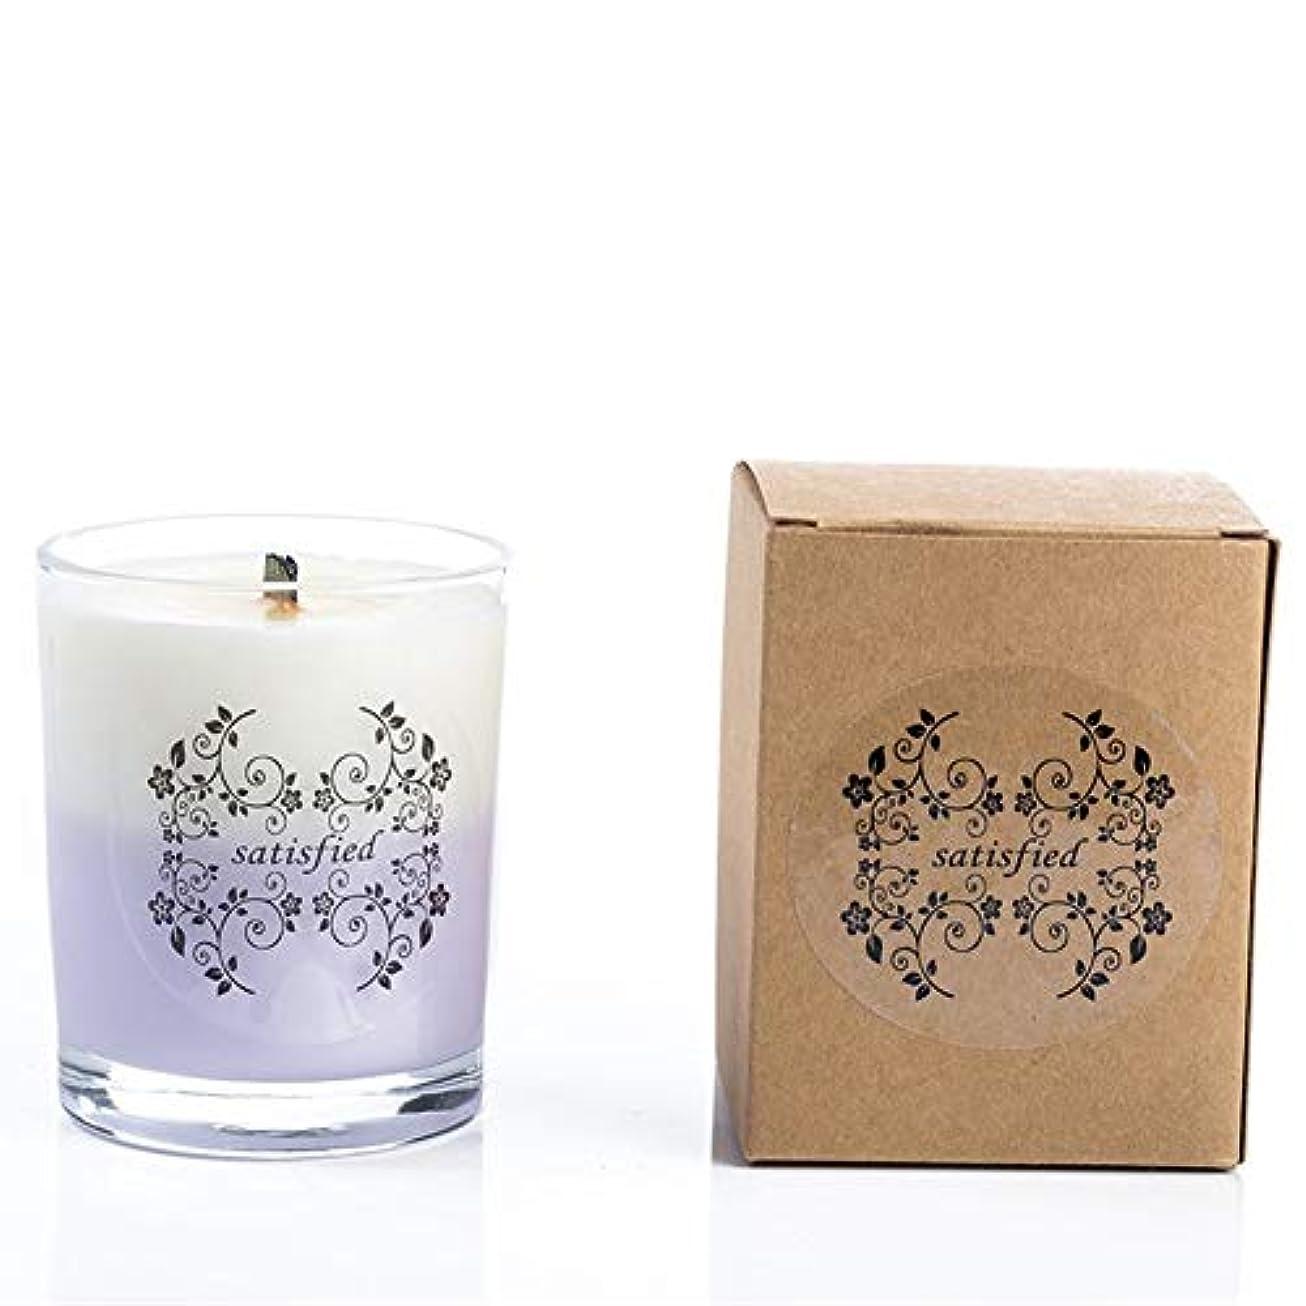 正午黒閲覧するZtian ガラスのツートンの香料入りの蝋燭のハンドメイドの無煙の香りの家の香料入りの蝋燭 (色 : Grapefruit)